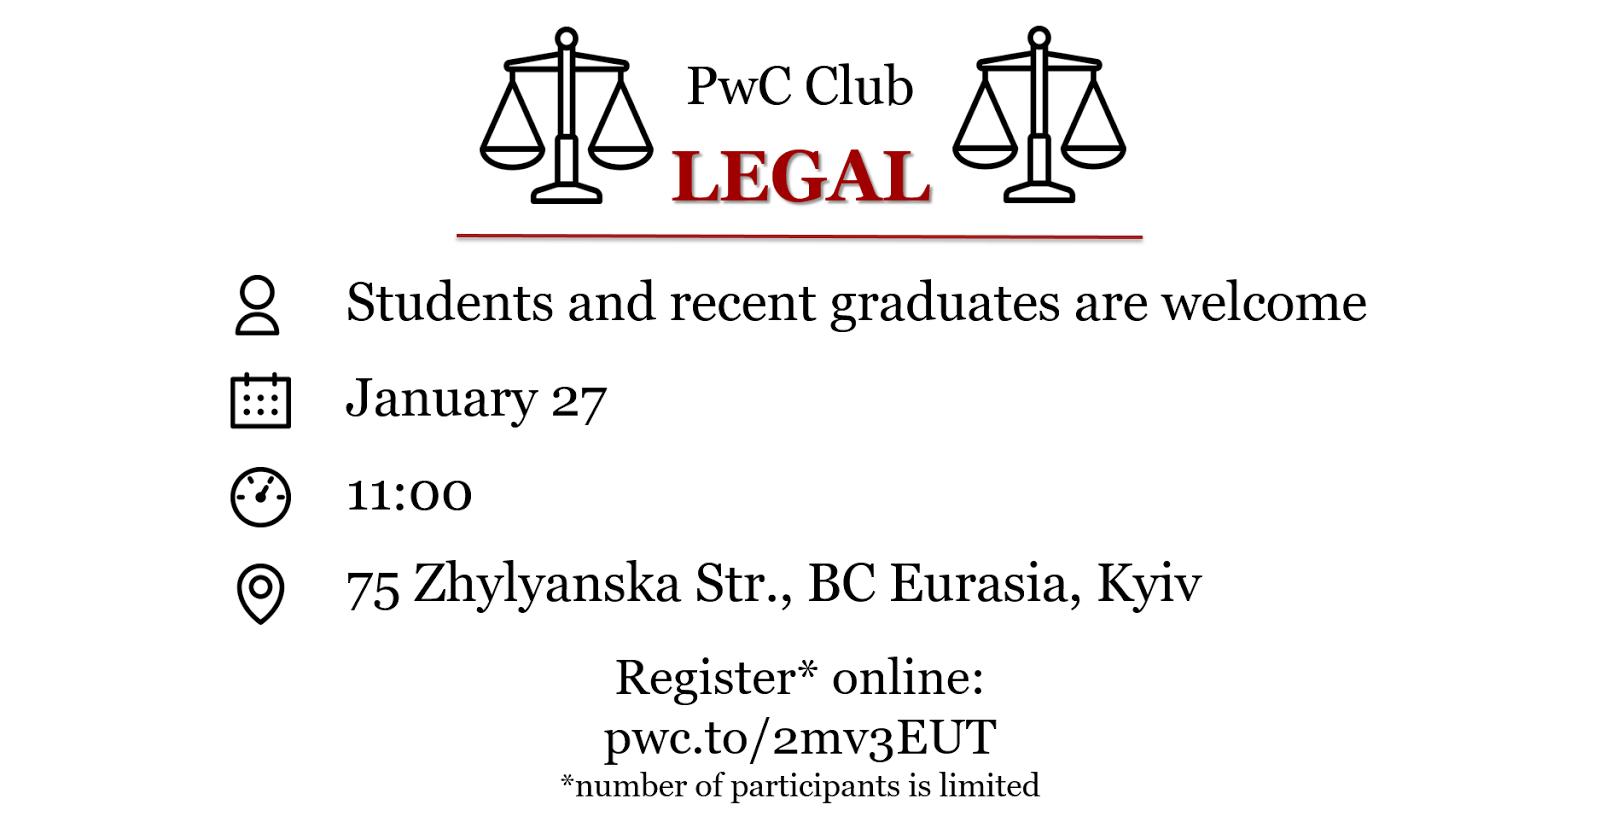 PwC Україна запрошує студентів та випускників на щомісячну зустріч PwC Club